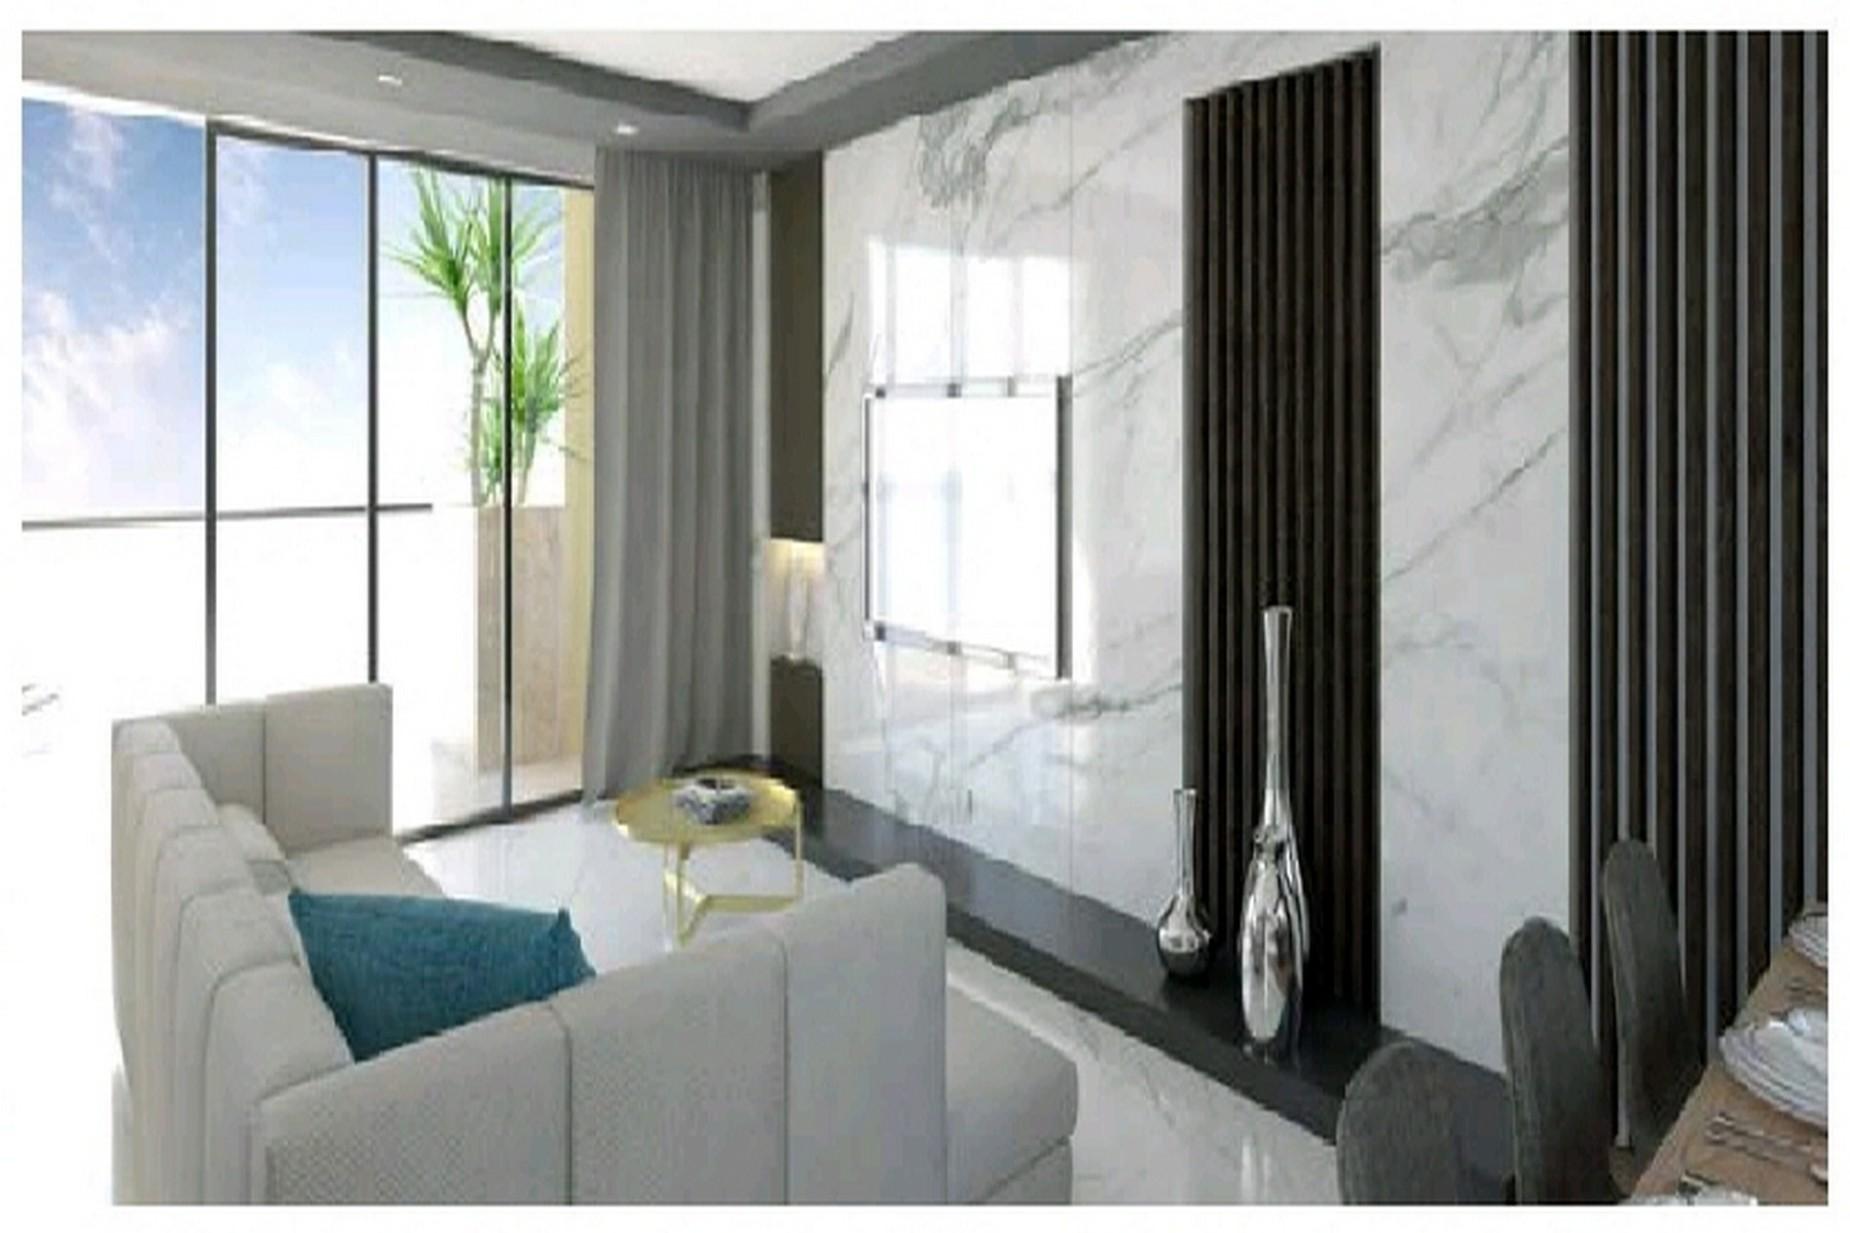 2 bed Penthouse For Sale in Ta' Xbiex, Ta' Xbiex - thumb 15